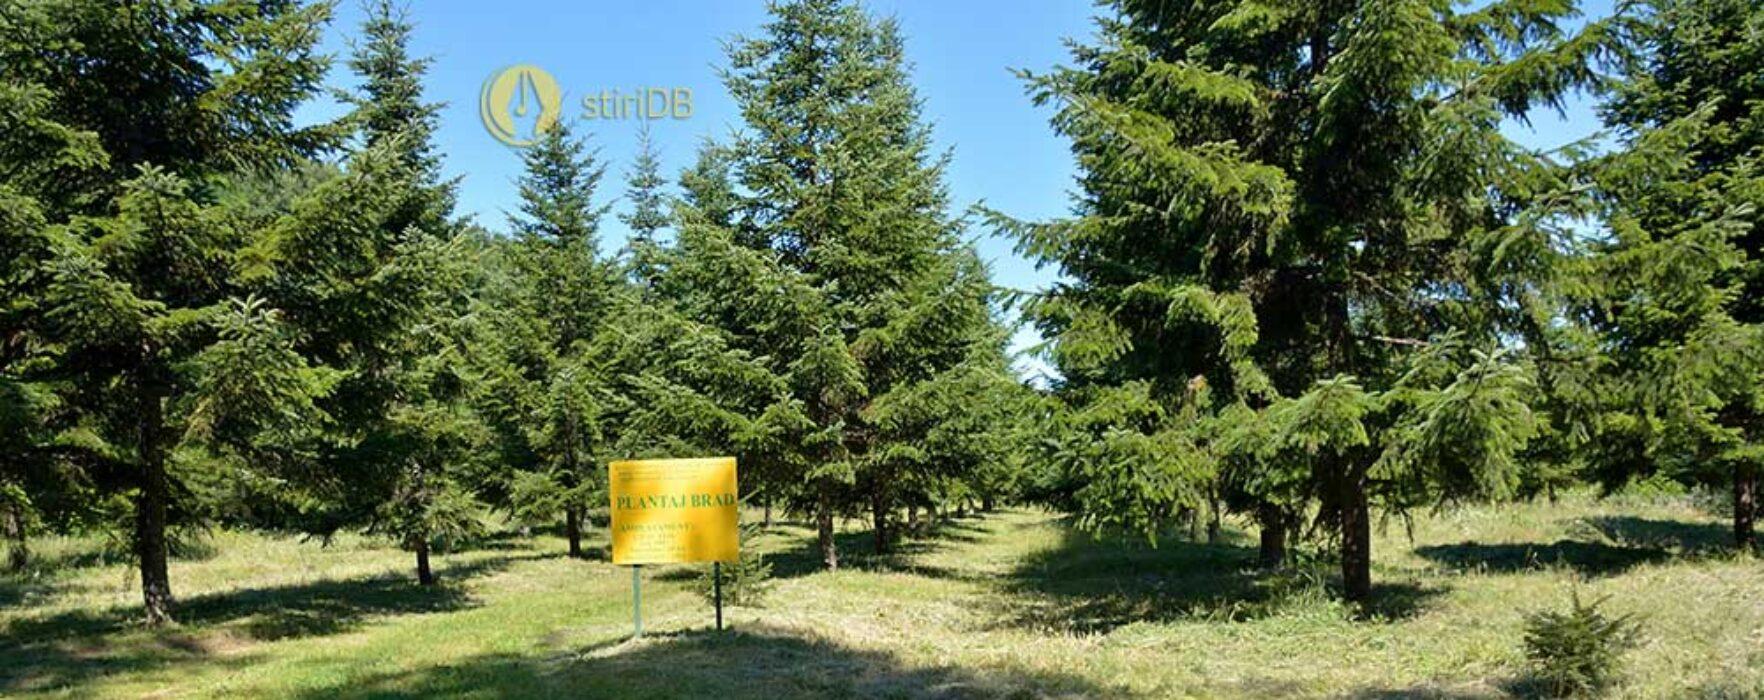 Direcţia Silvică Dâmboviţa: Îngheţul târziu din acest an a afectat fructificaţia la speciile forestiere